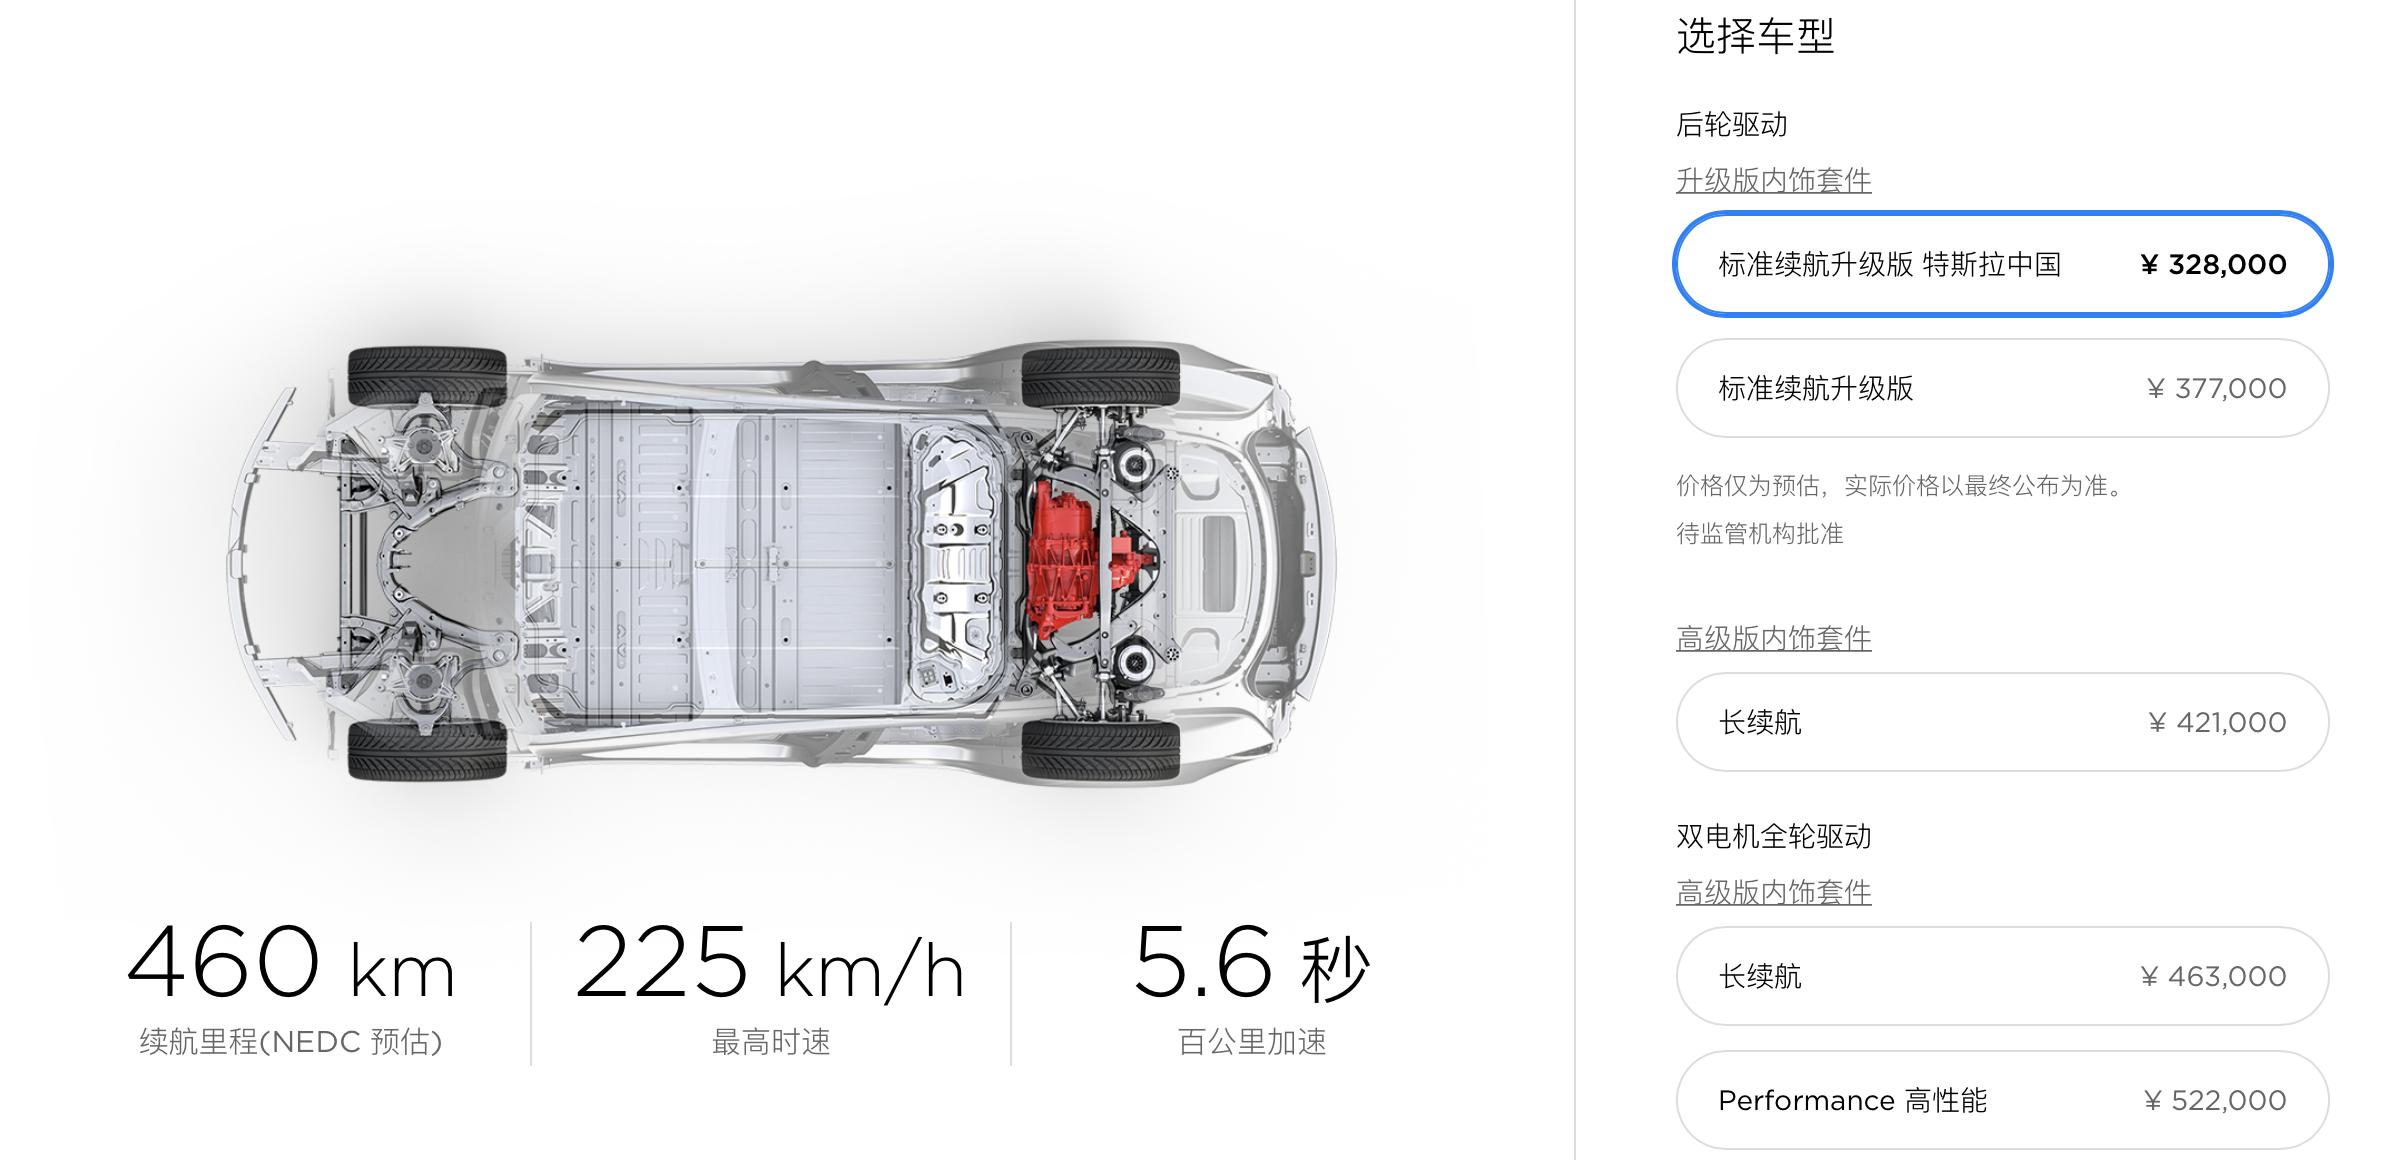 國產Model 3售價